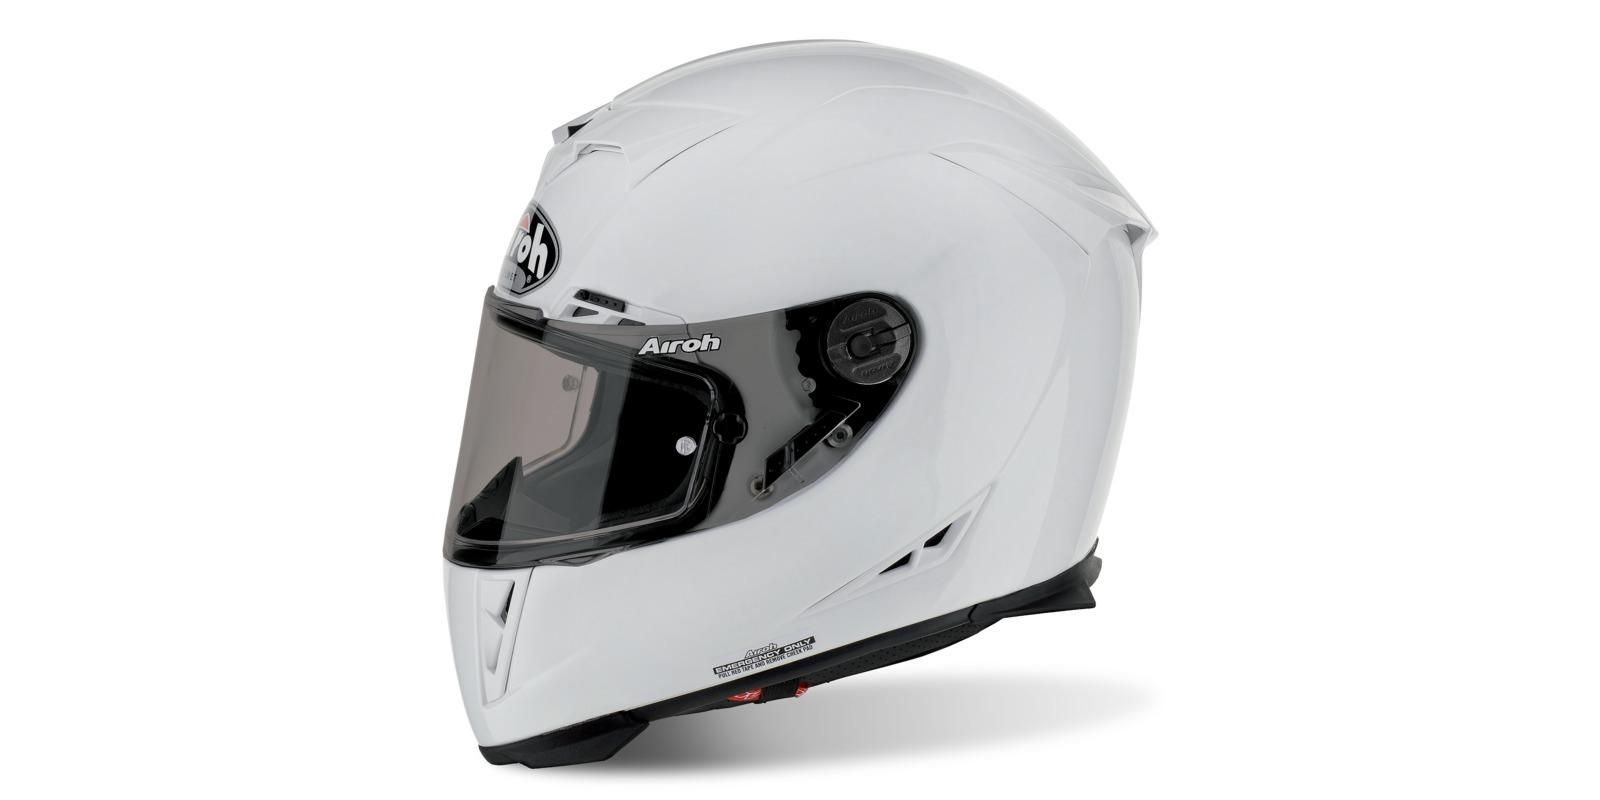 přilba GP 500, AIROH (bílá)